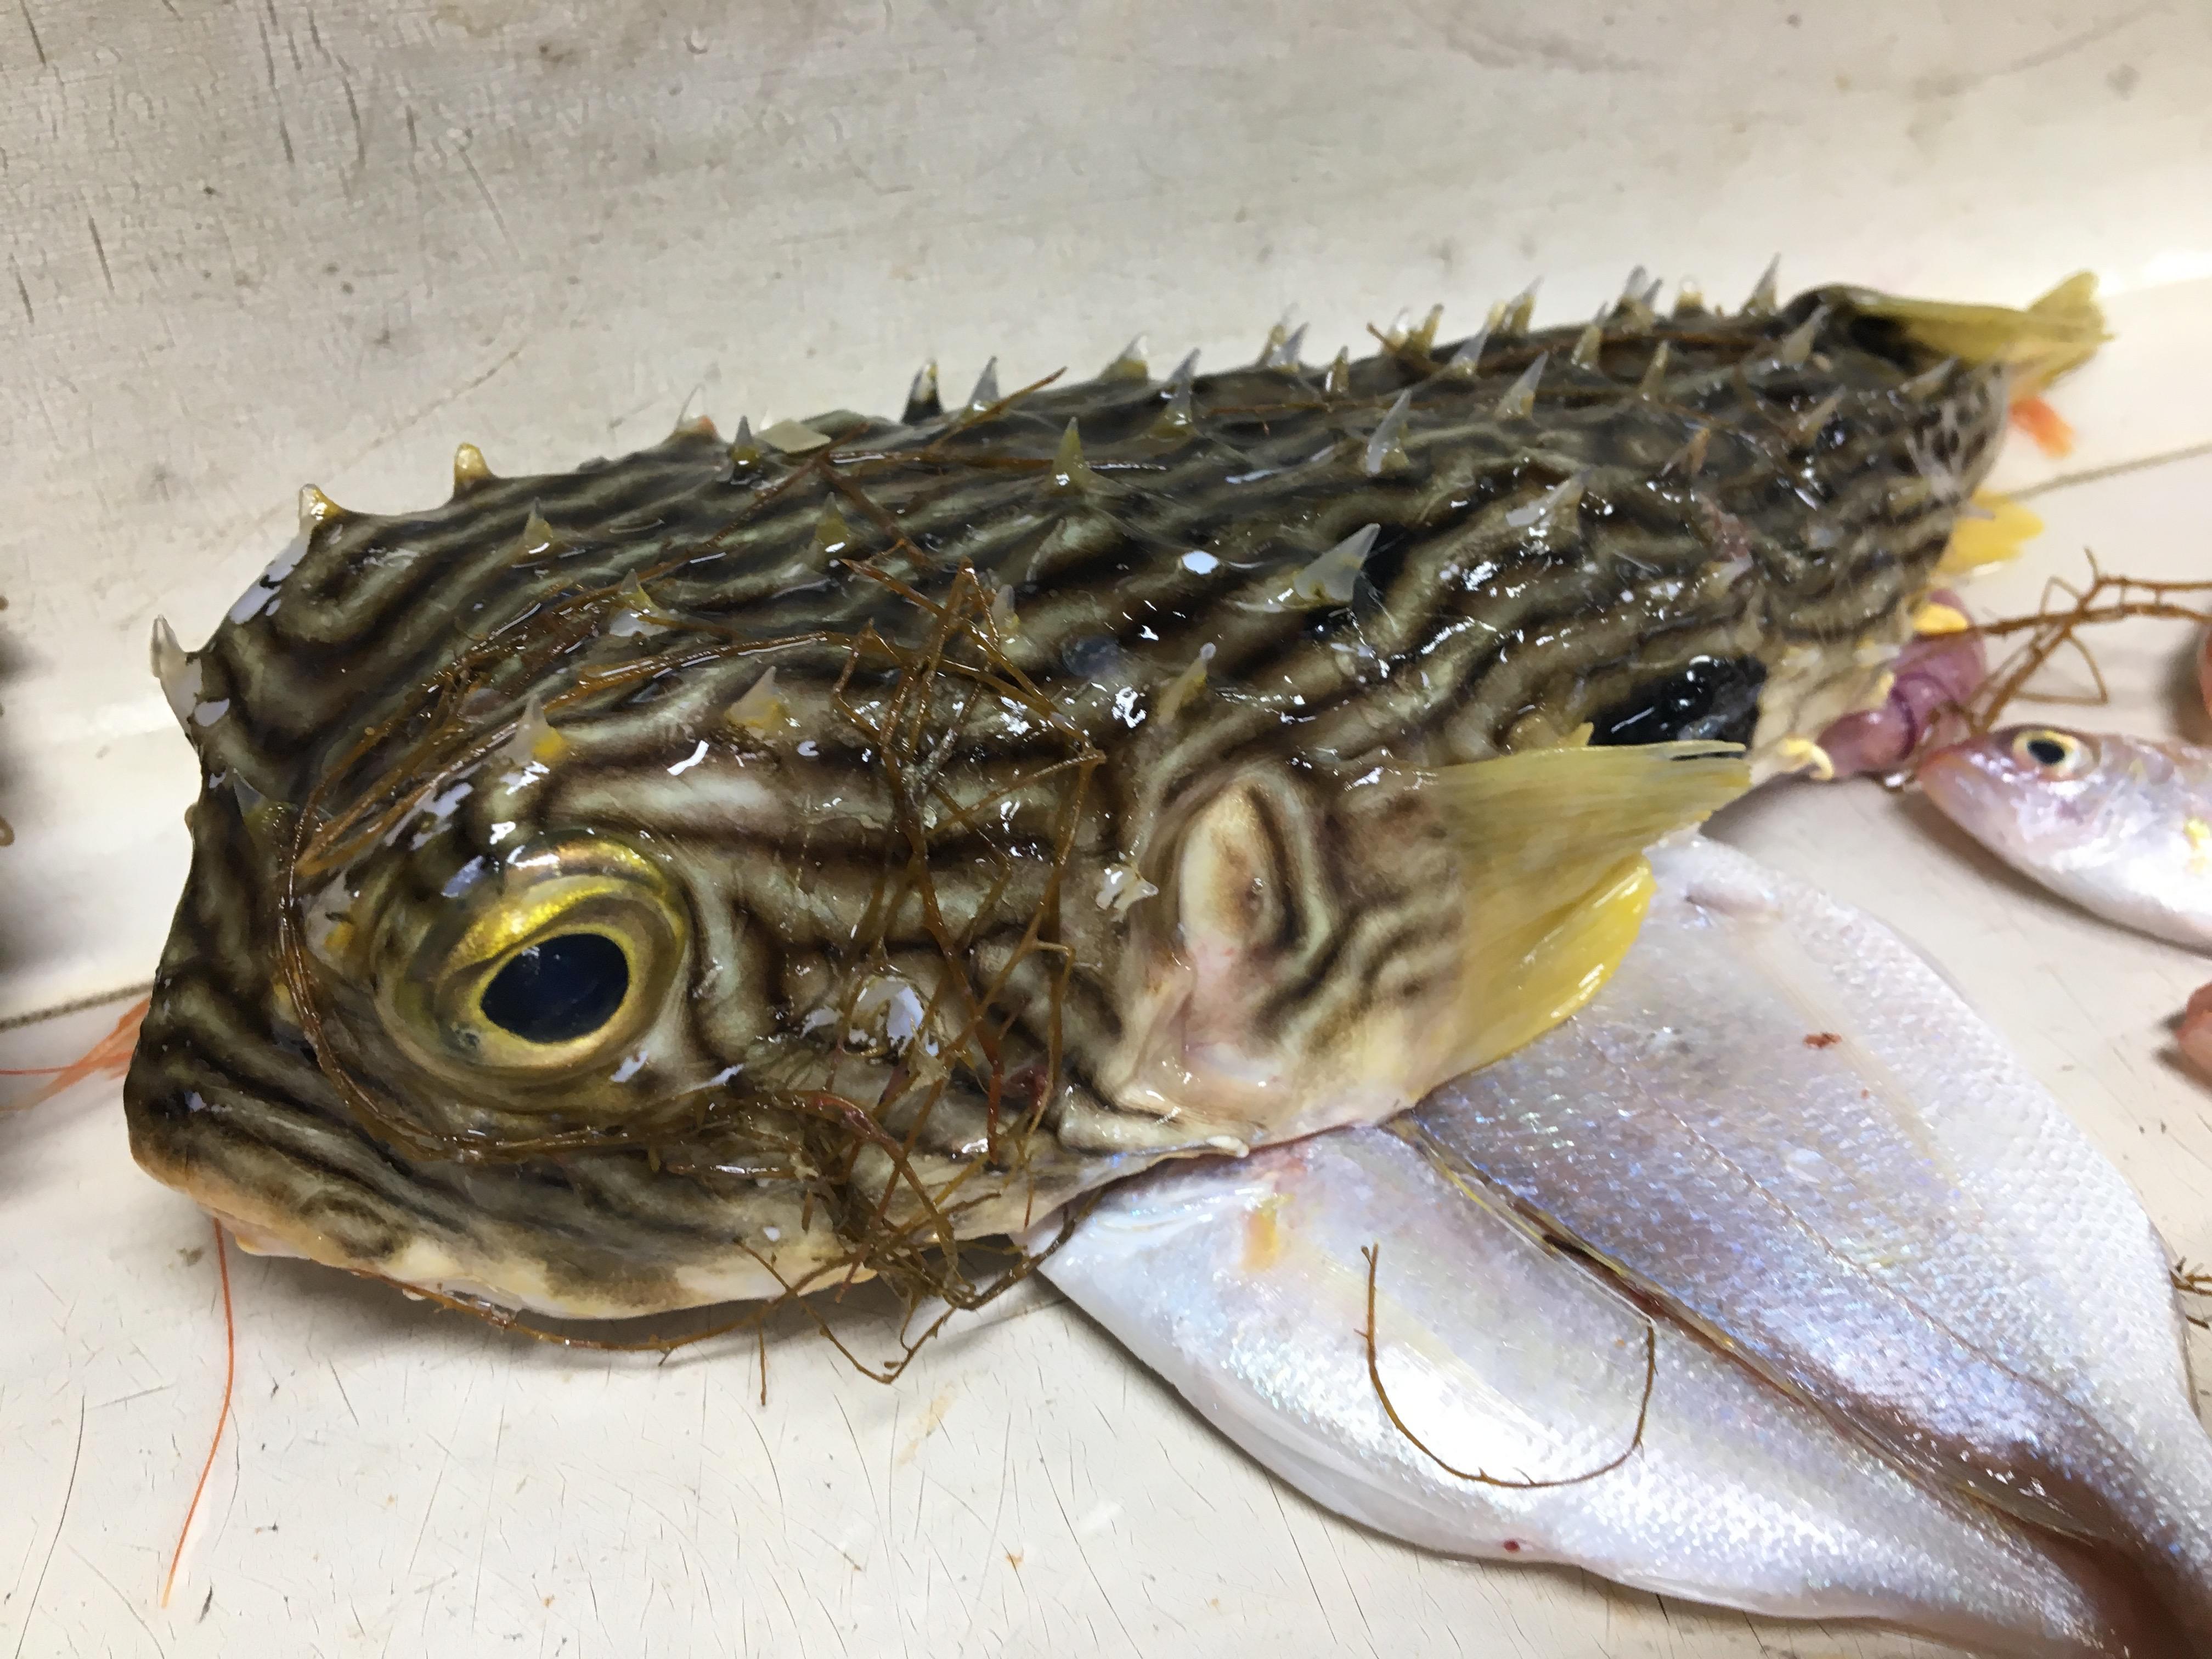 Burrfish, Chilomycterus schoepfii